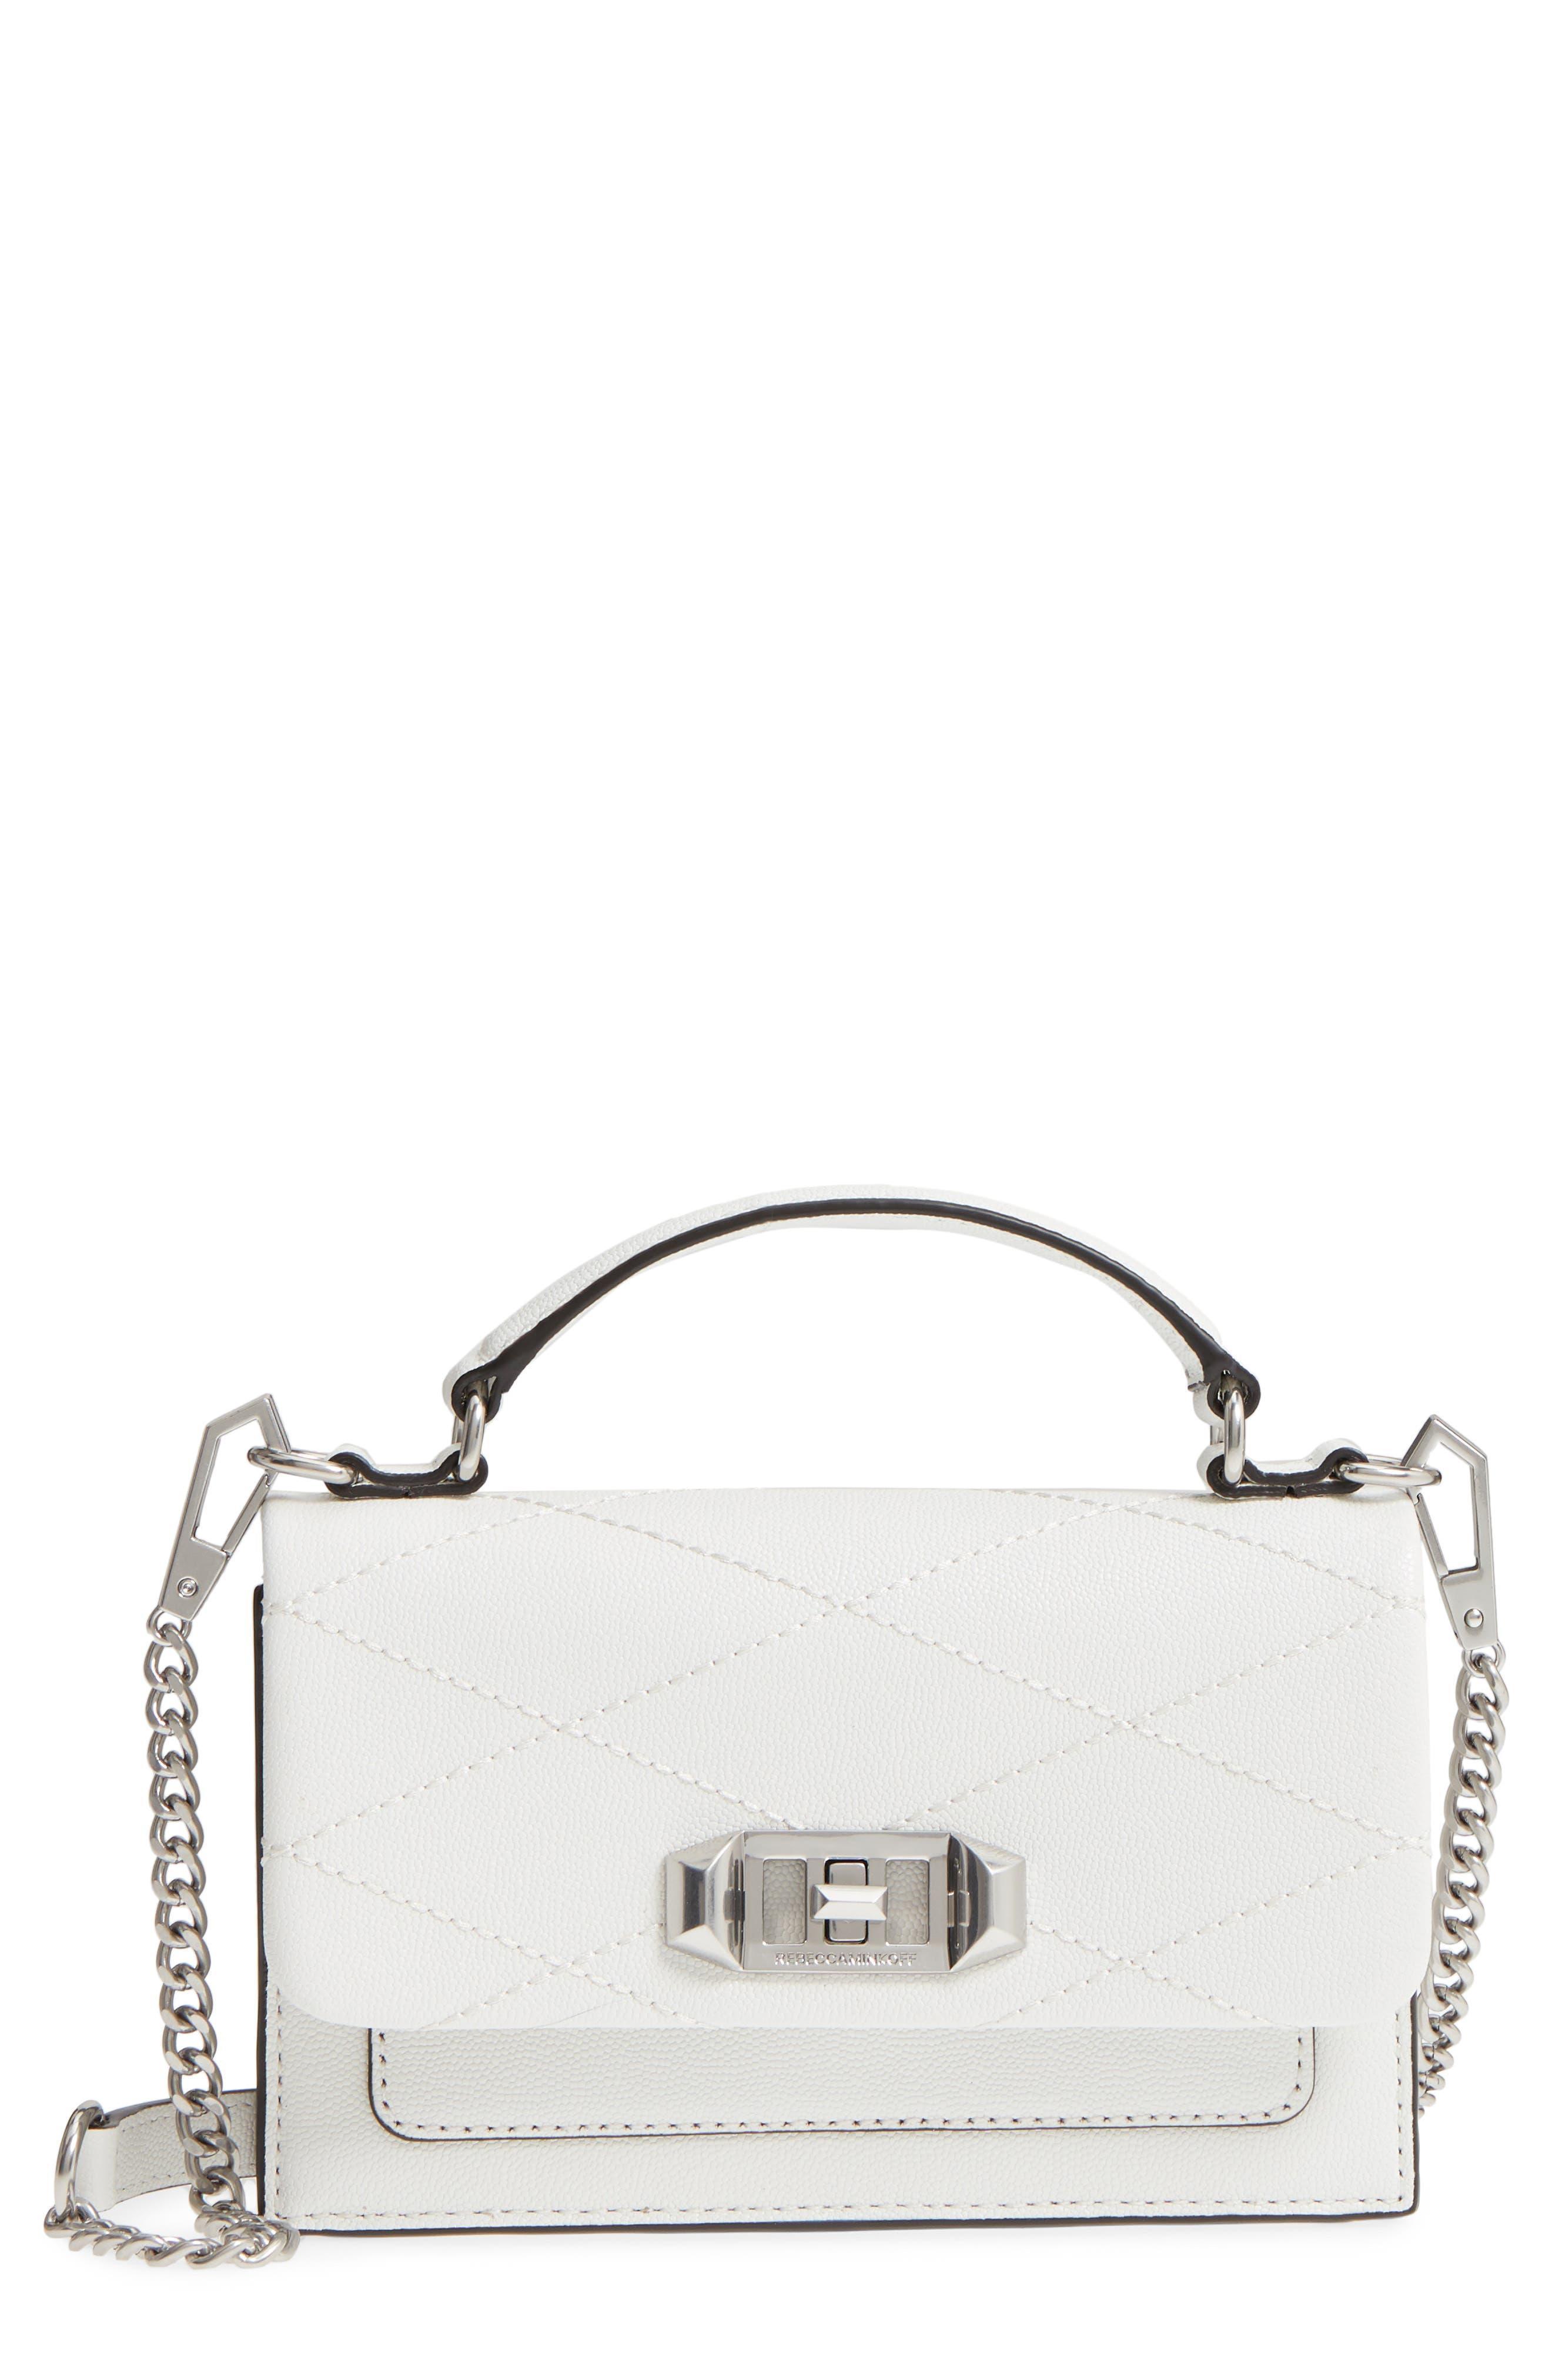 Rebecca Minkoff Small Je T'aime Leather Crossbody Bag